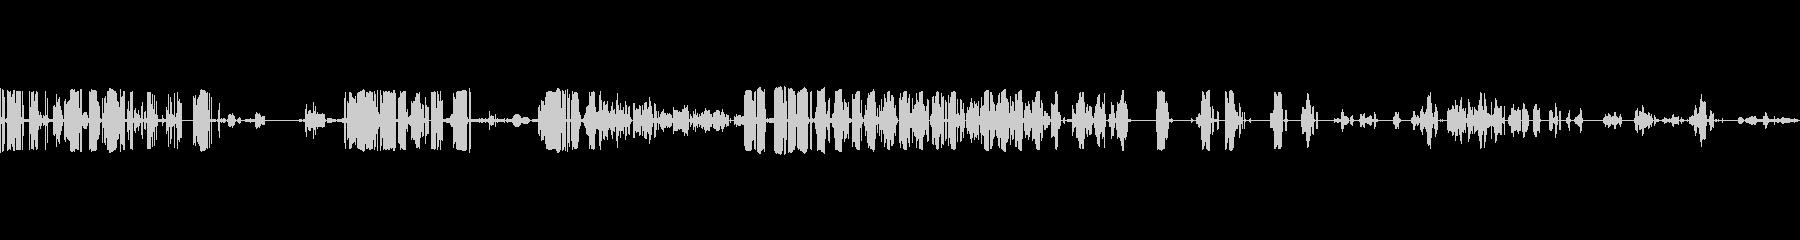 ガチョウの鳴き声の未再生の波形